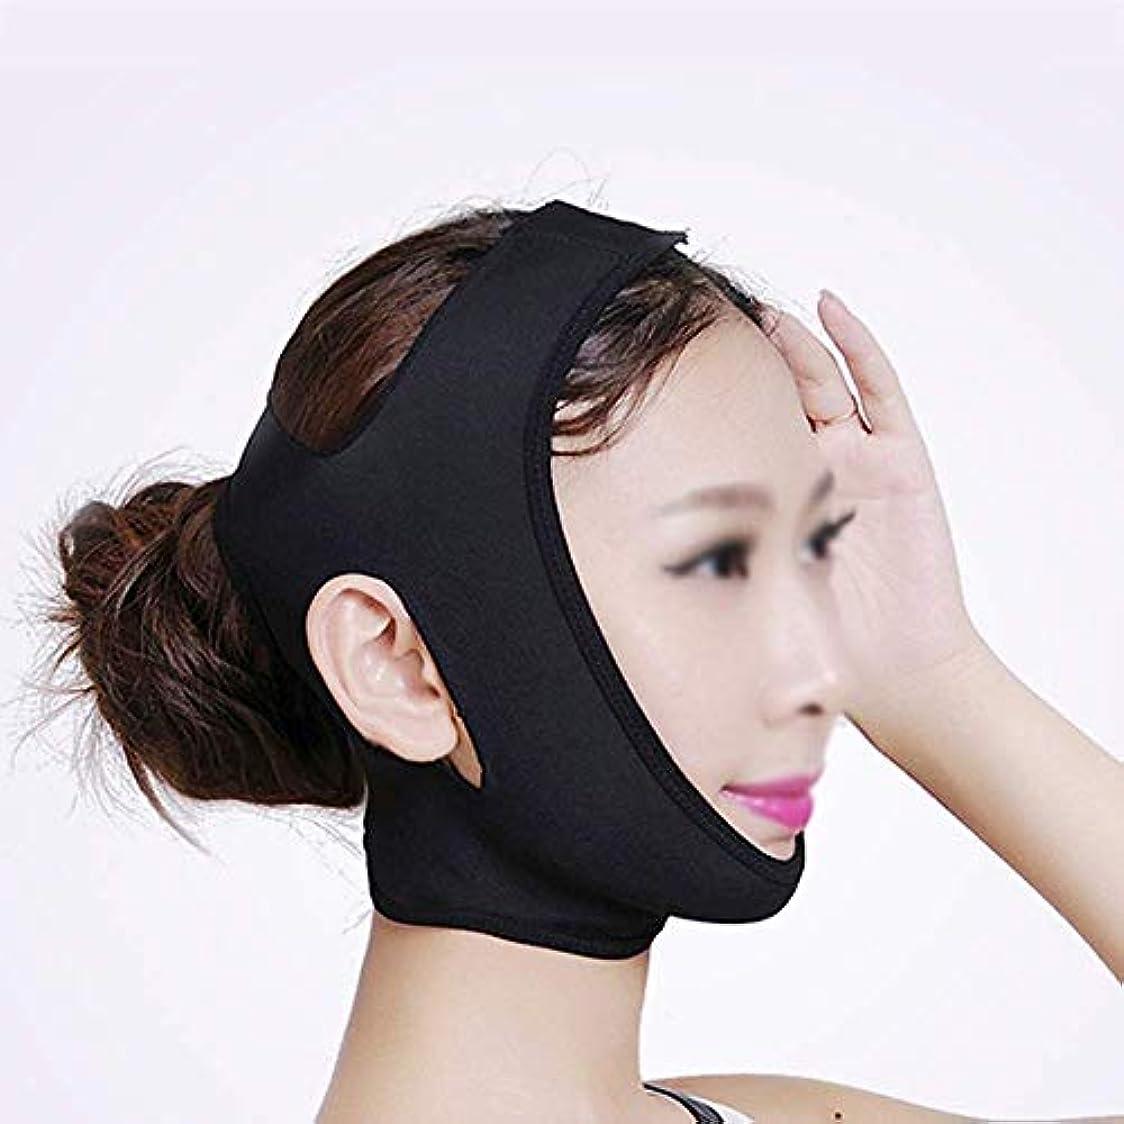 にやにや合体セージフェイシャル減量マスクリフティングフェイス、フェイスマスク、減量包帯を除去するためのダブルチン、フェイシャルリフティング包帯、ダブルチンを減らすためのリフティングベルト(カラー:ブラック、サイズ:M),黒、S